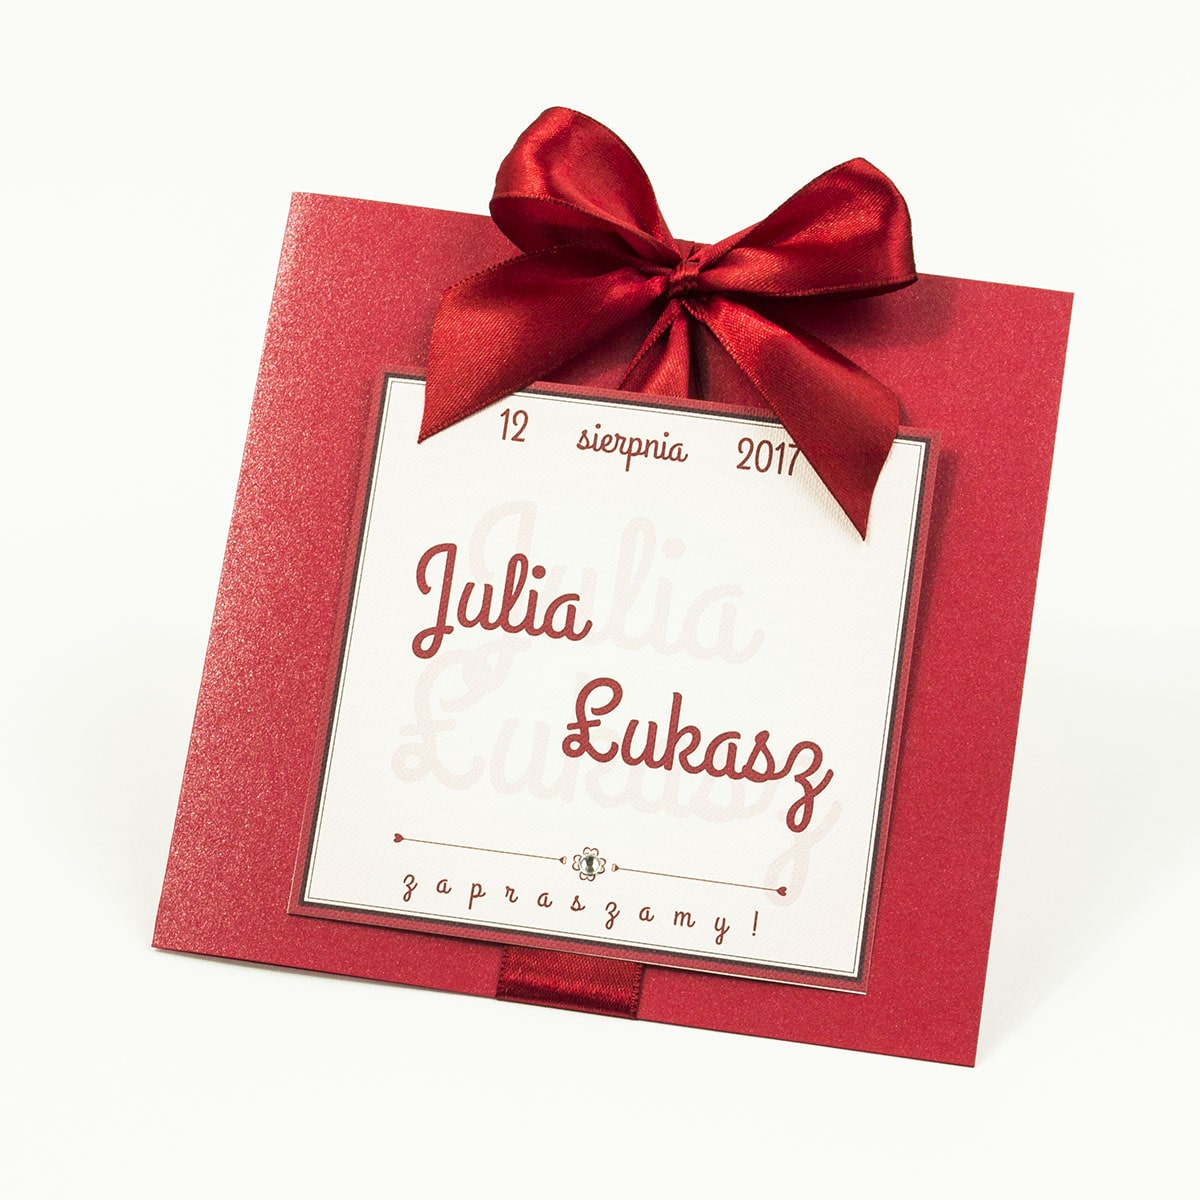 Zaproszenia ślubne na czerwonym papierze perłowym, ze wstążką w kolorze ciemnej czerwieni i cyrkonią oraz wklejanym wnętrzem. ZAP-61-80